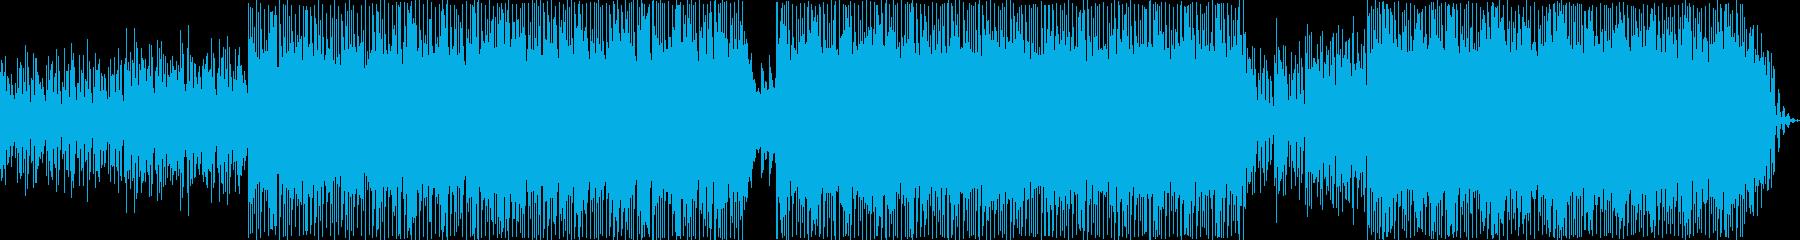 法人 サスペンス アクション 技術...の再生済みの波形